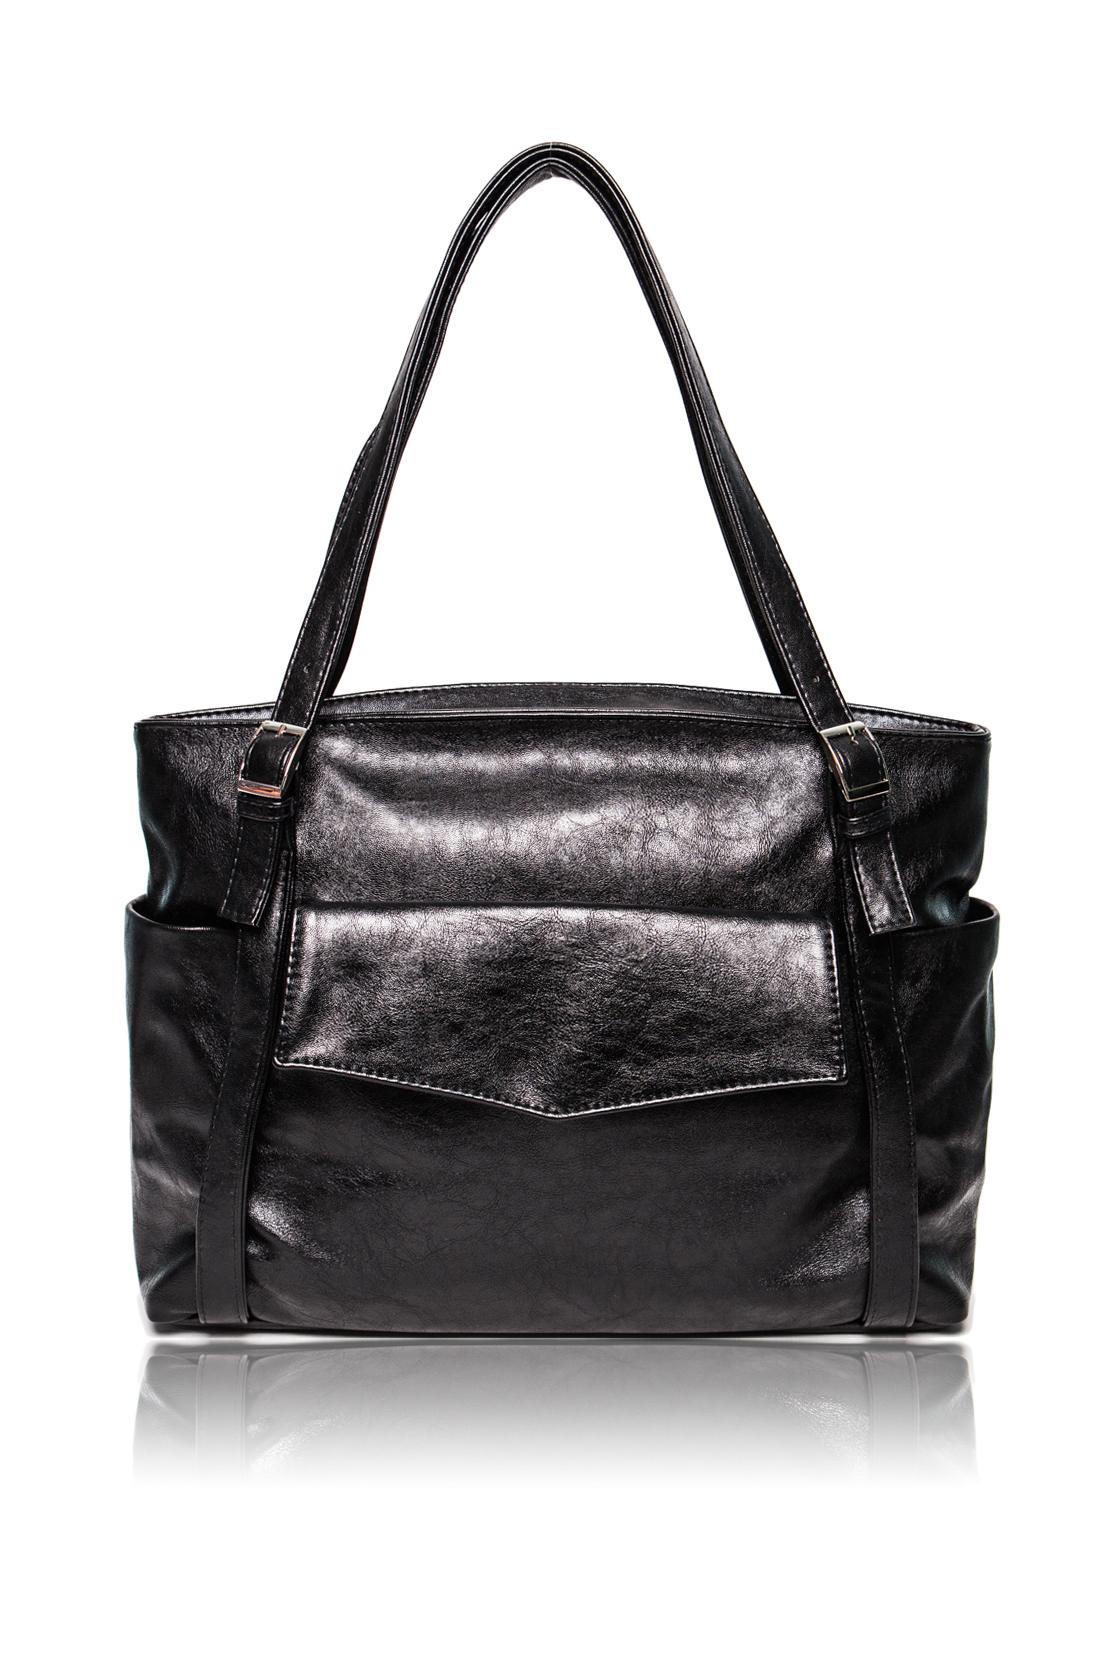 Сумка - шоппингСумки-шоппинг<br>Женские сумки бренда Lacy - это стильные аксессуары, которые по достоинству оценят представительницы прекрасного пола.  Сумка с застежкой на молнию. На передней части сумки накладной карман с клапаном и застежкой на магнит. Две лямки с регулировкой пряжками. Внутри два накладных кармана и карман на молнии.  Цвет: черный.  Длина - 42 ± 1 см Высота - 29 ± 1 см Глубина - 11,5 ± 1 см<br><br>По материалу: Искусственная кожа<br>По размеру: Средние<br>По рисунку: Однотонные<br>По элементам: Карман на молнии,Карман под телефон<br>По силуэту стенок: Прямоугольные<br>По способу ношения: В руках,На плечо<br>По степени жесткости: Мягкие<br>По типу застежки: На магните,С застежкой молнией<br>Ручки: Длинные<br>Размер: 1<br>Материал: Искусственная кожа<br>Количество в наличии: 1